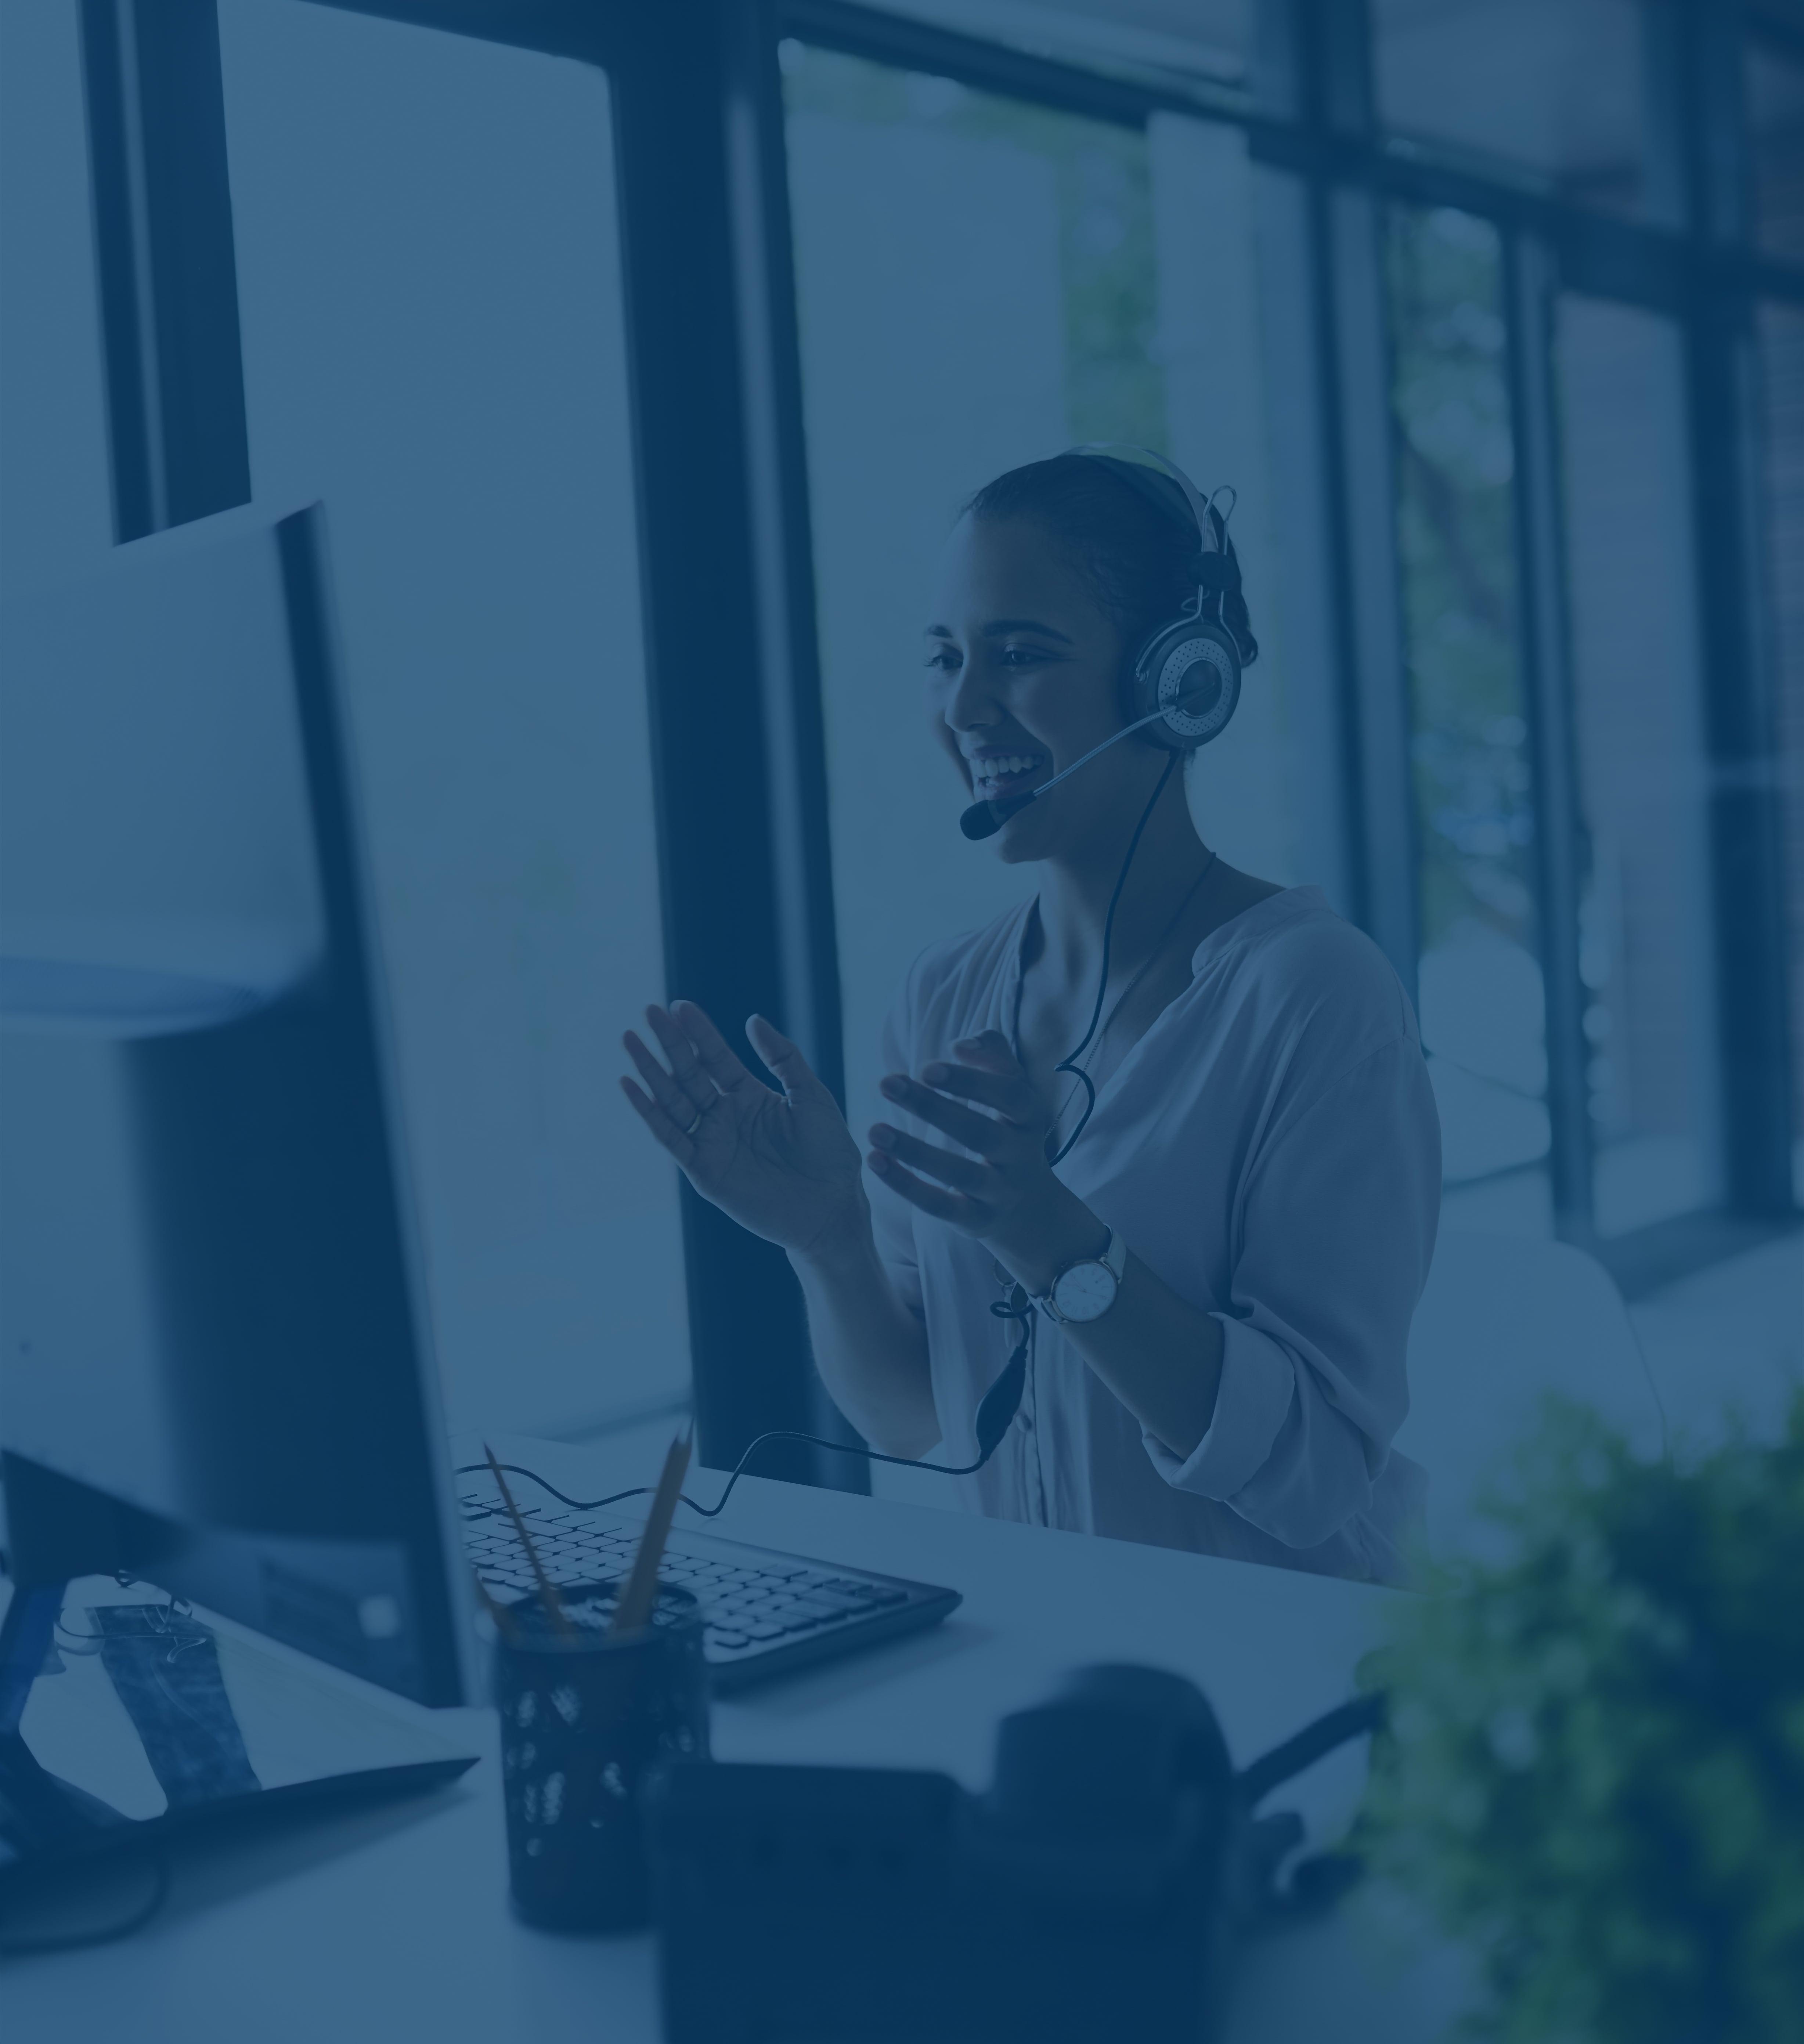 Eine junge Frau mit einem Telefon-Headset sitzt an ihrem Computerbildschirm vor einer Flachglasscheibe. Sie lächelt und klatscht, als sie sich über einen Verkauf freut.